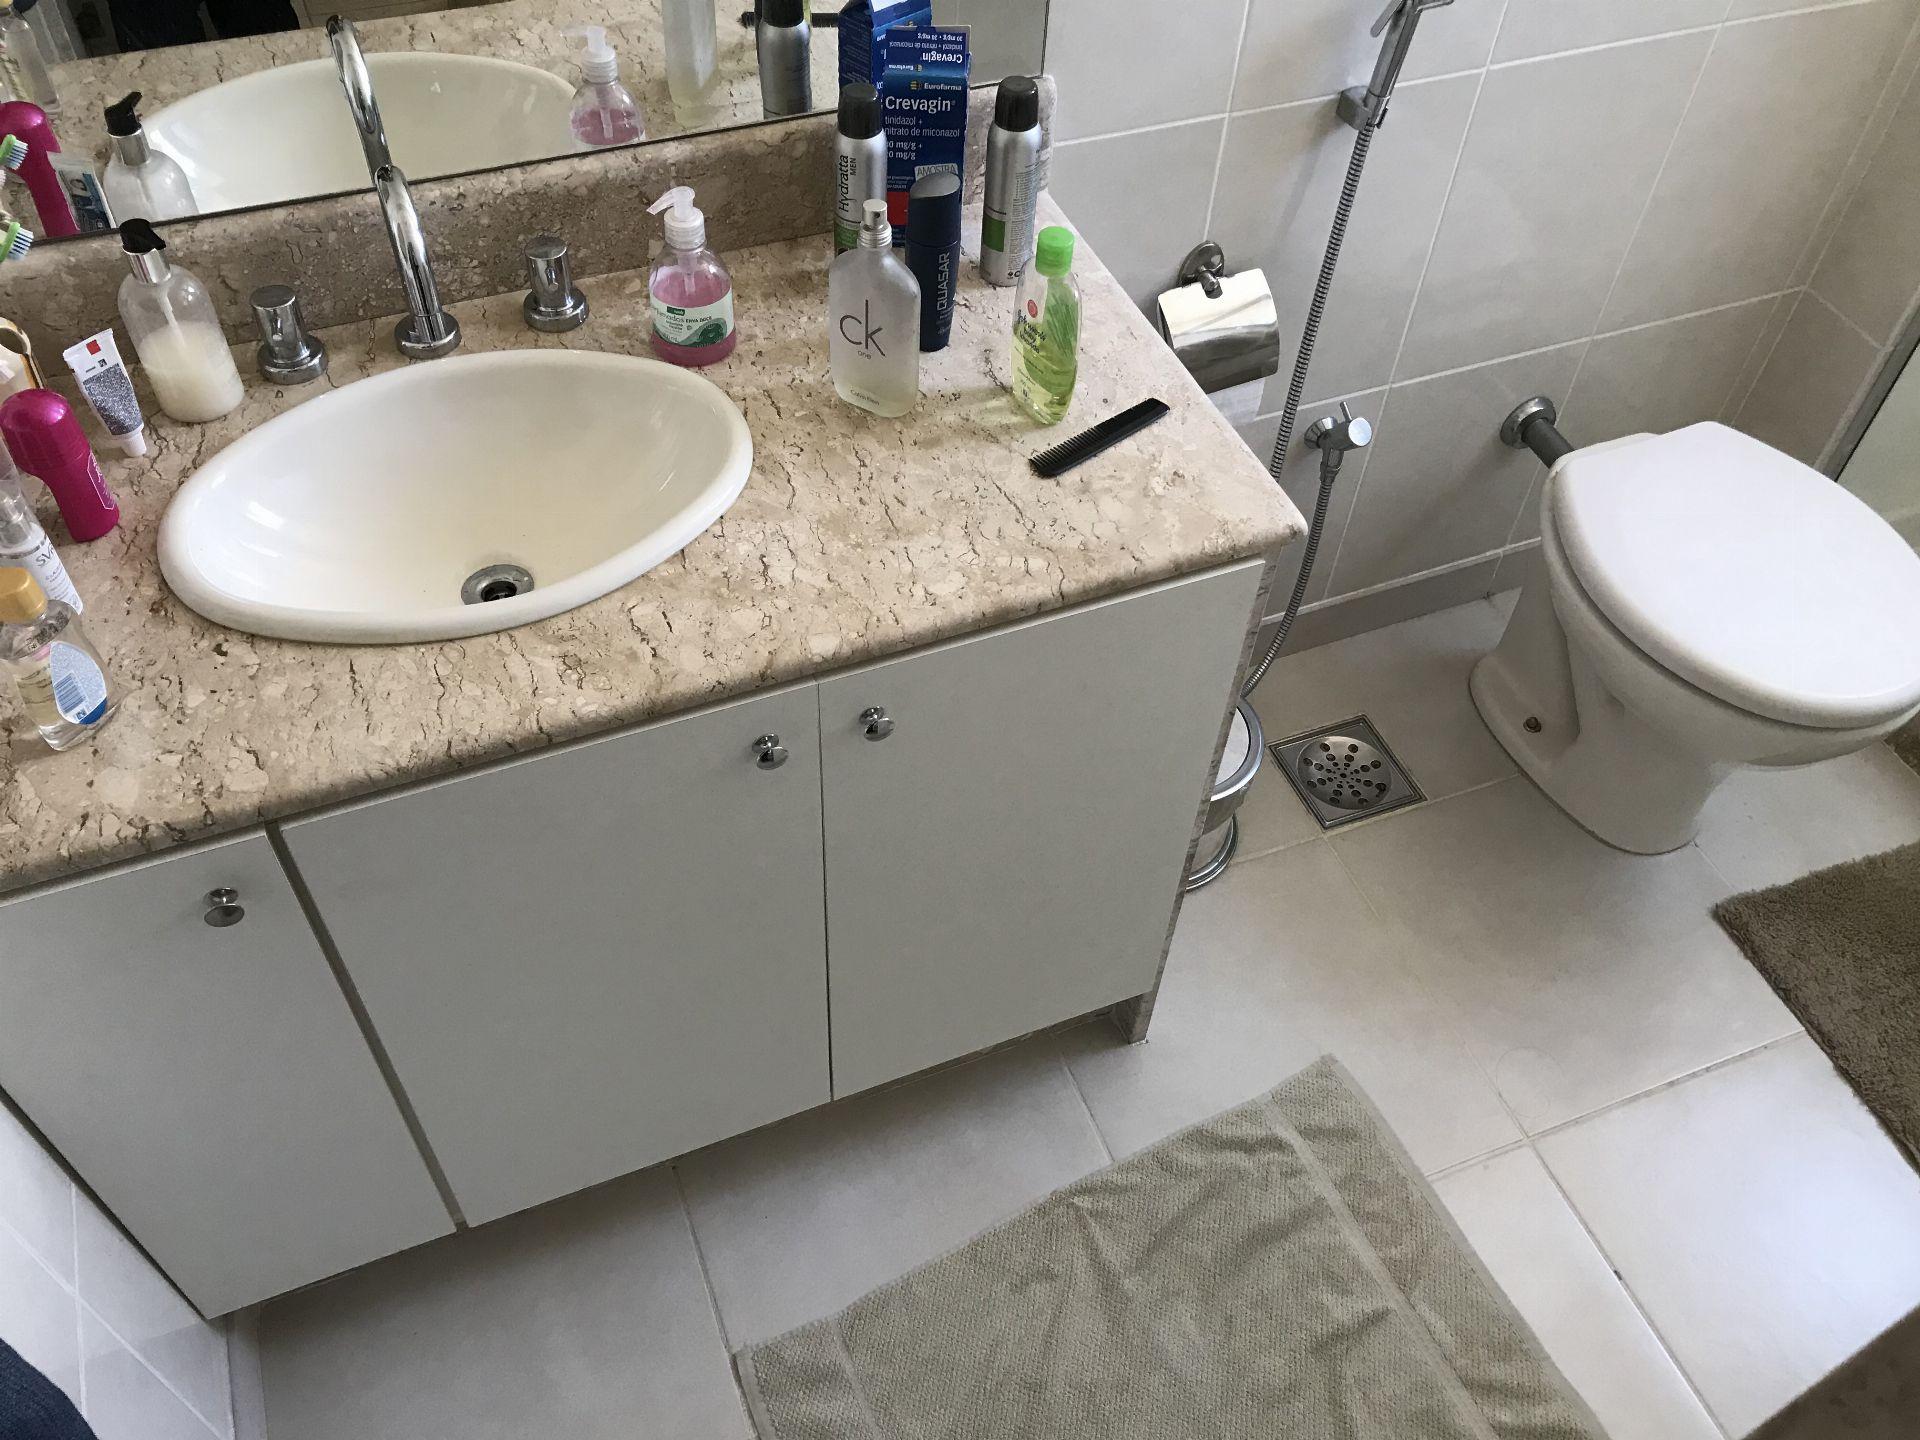 FOTO 11 - Apartamento à venda Rua Capitão Menezes,Praça Seca, Rio de Janeiro - R$ 290.000 - RF175 - 12